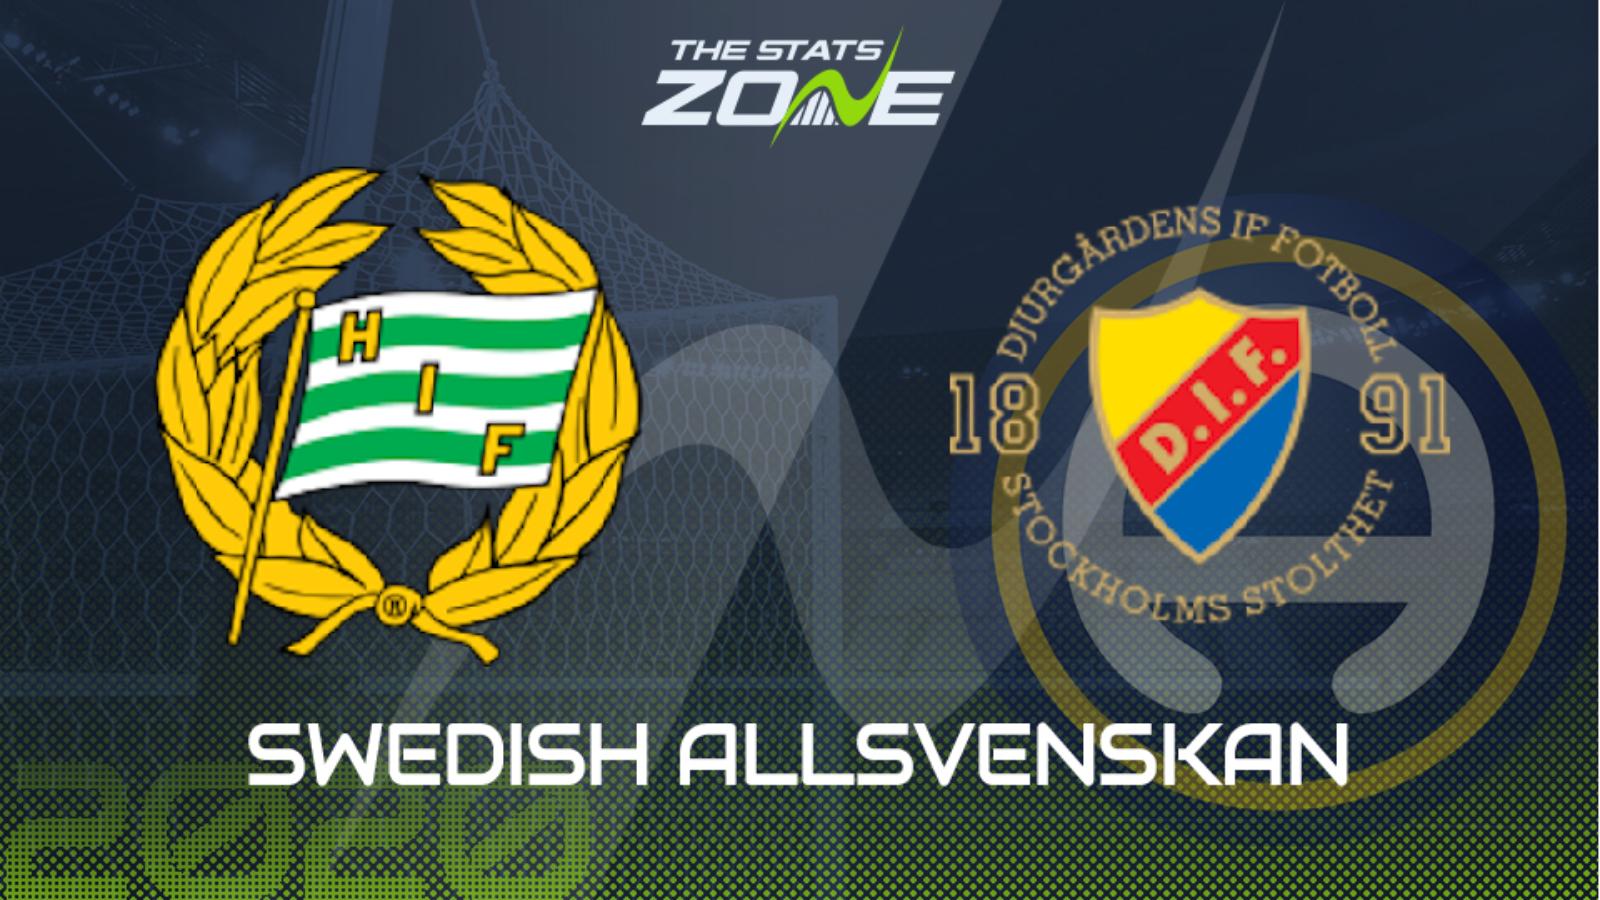 2020 Swedish Allsvenskan Hammarby Vs Djurgarden Preview Prediction The Stats Zone